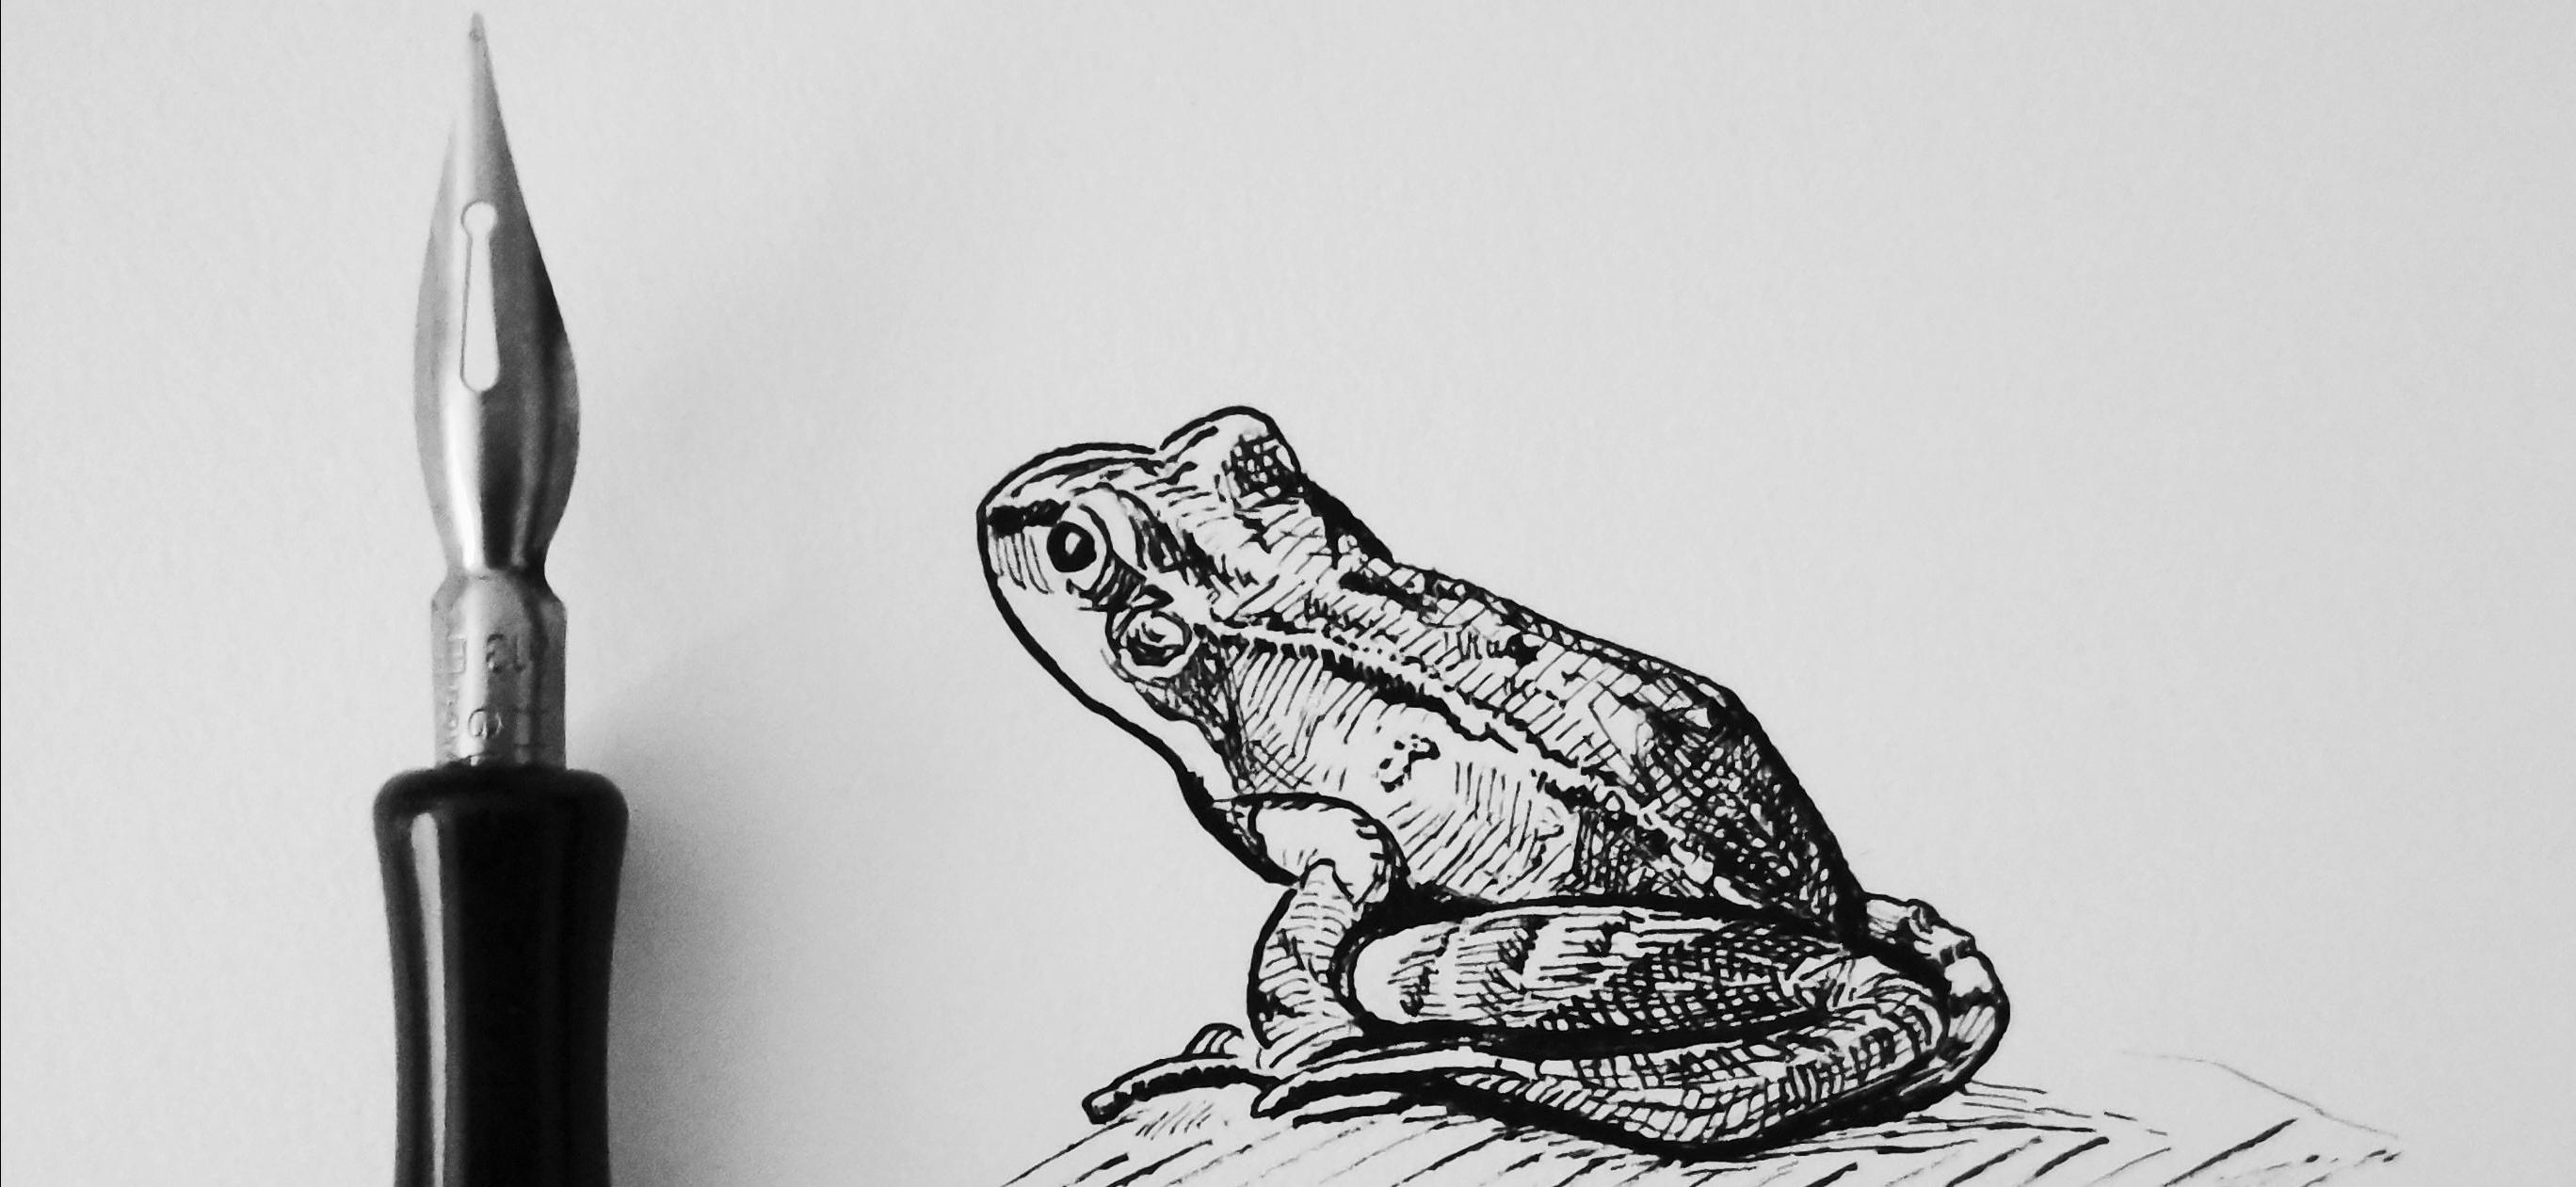 Frog - Original Pen and Ink Artwork by  Adam Bartosik